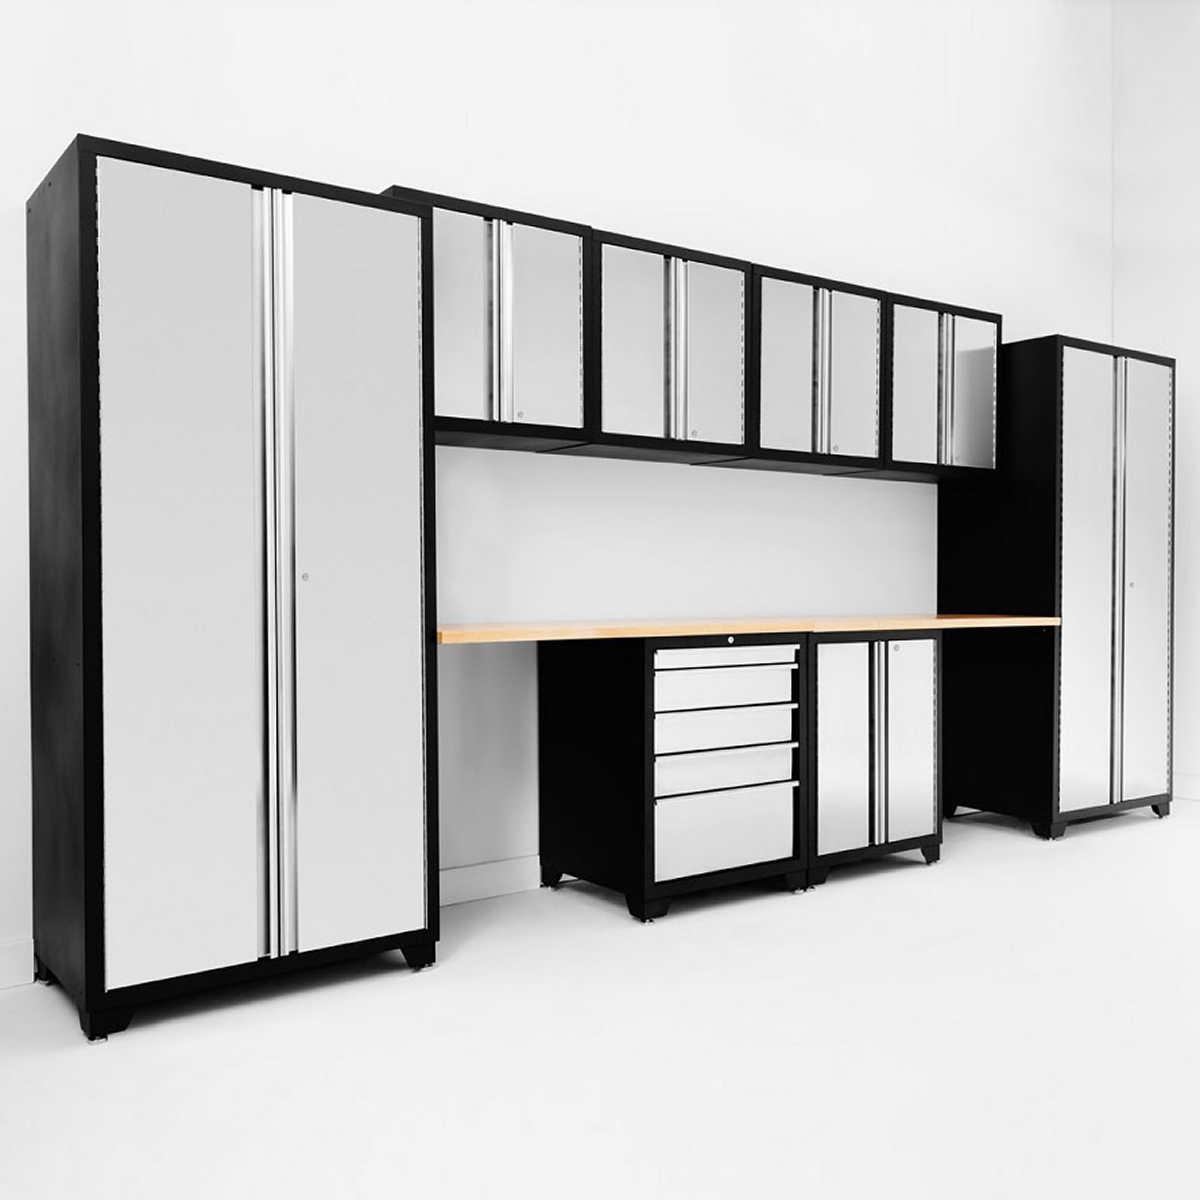 storage cabinets | costco